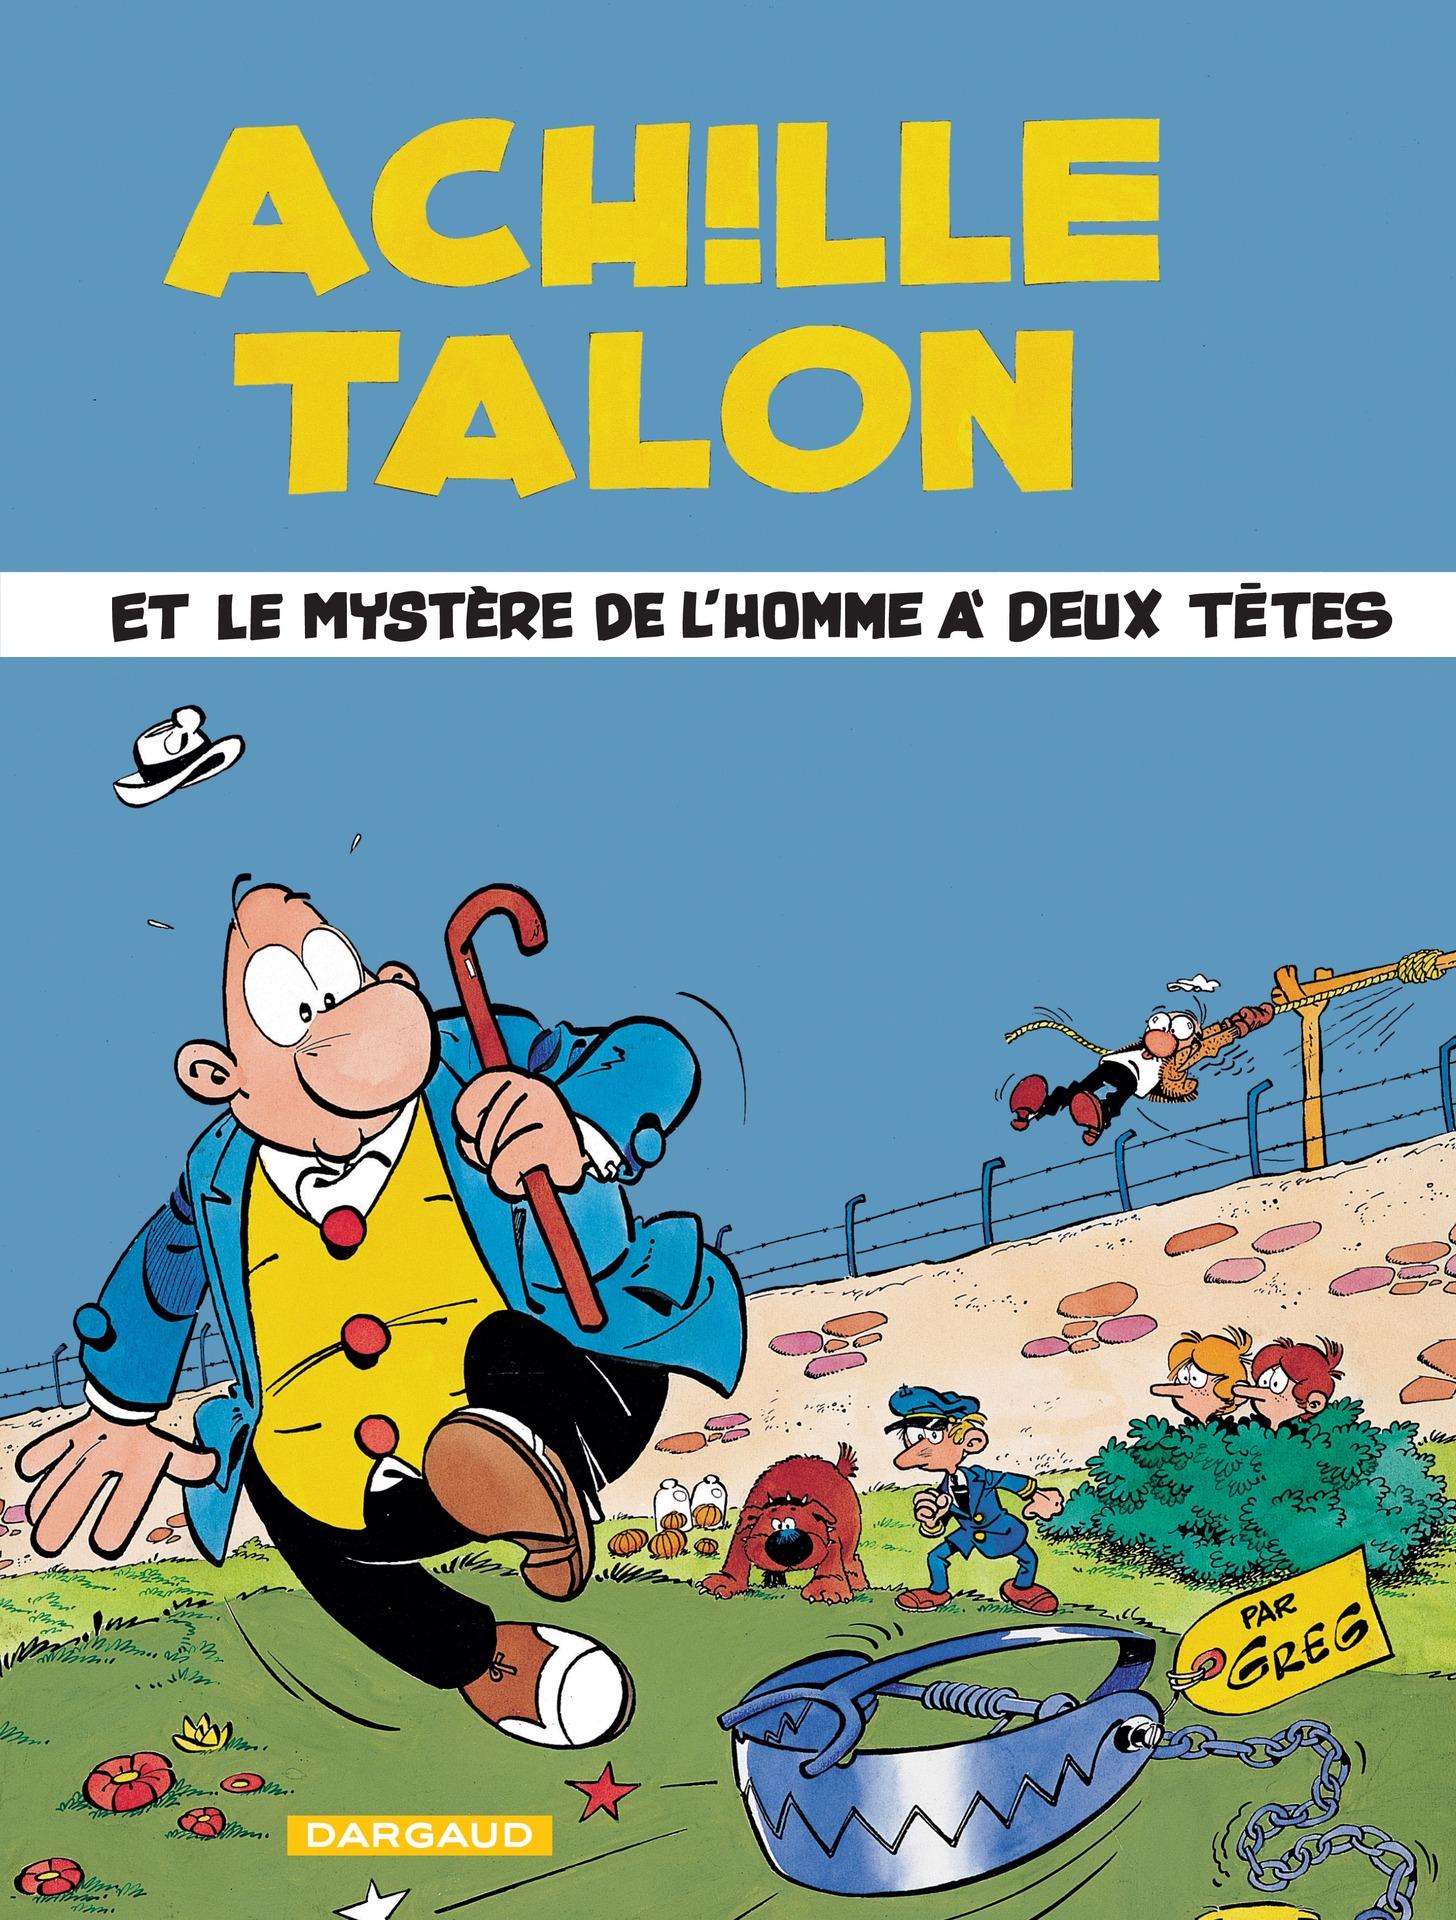 Achille Talon - Tome 14 - Achille Talon et le mystère de l'homme à deux têtes